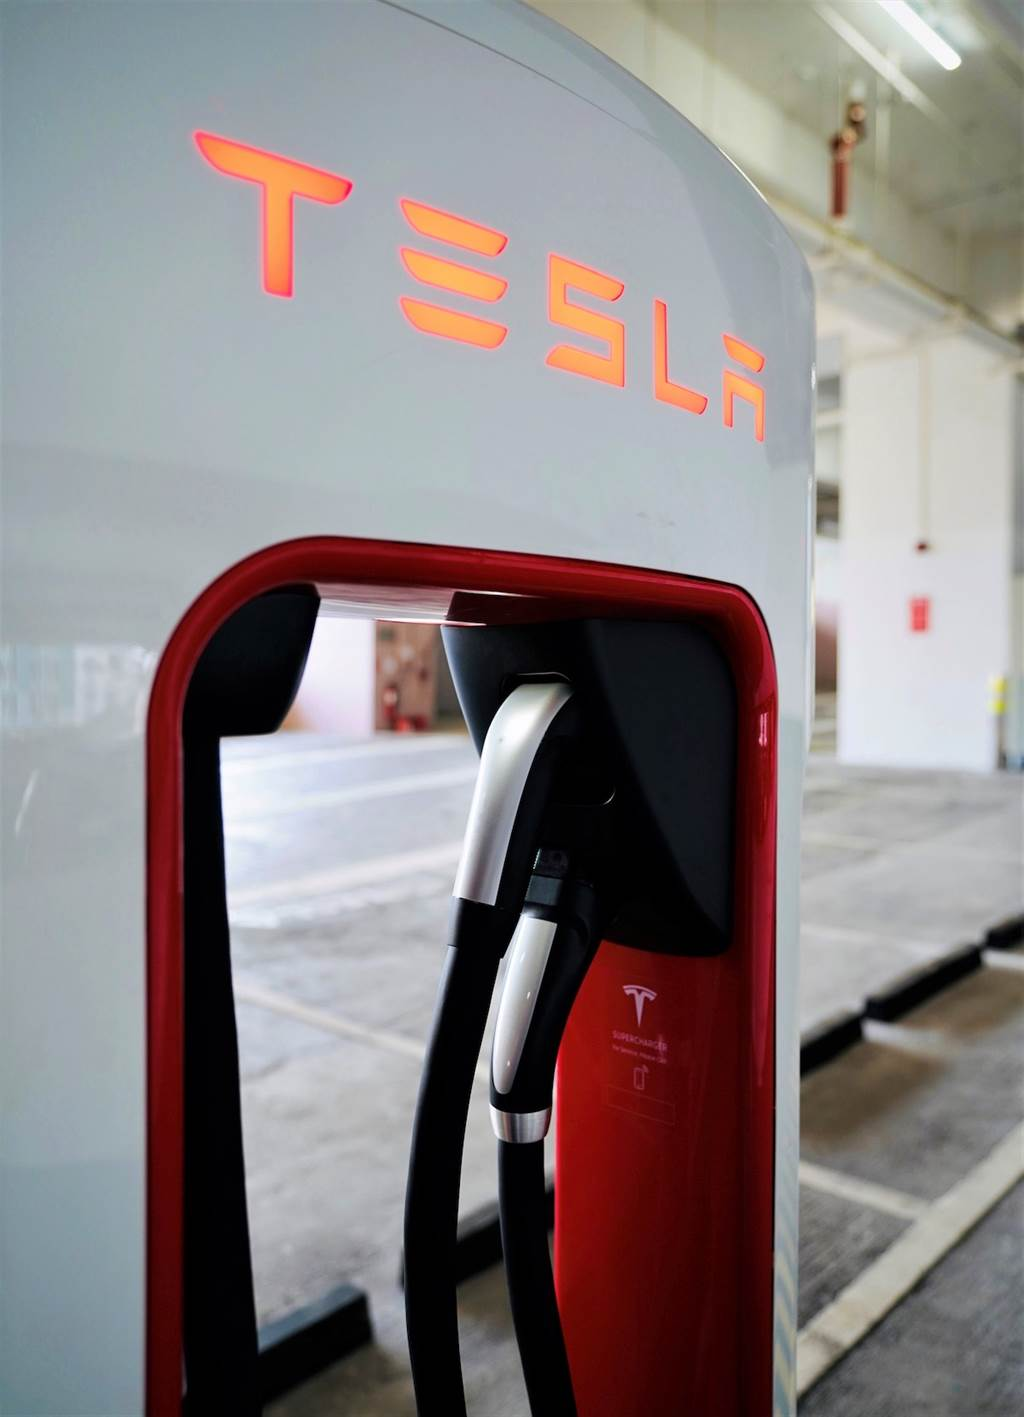 Tesla 第三季將交付 CCS2 充電規格電動車 目標七月底前完成全台超級充電站「雙規格並行」